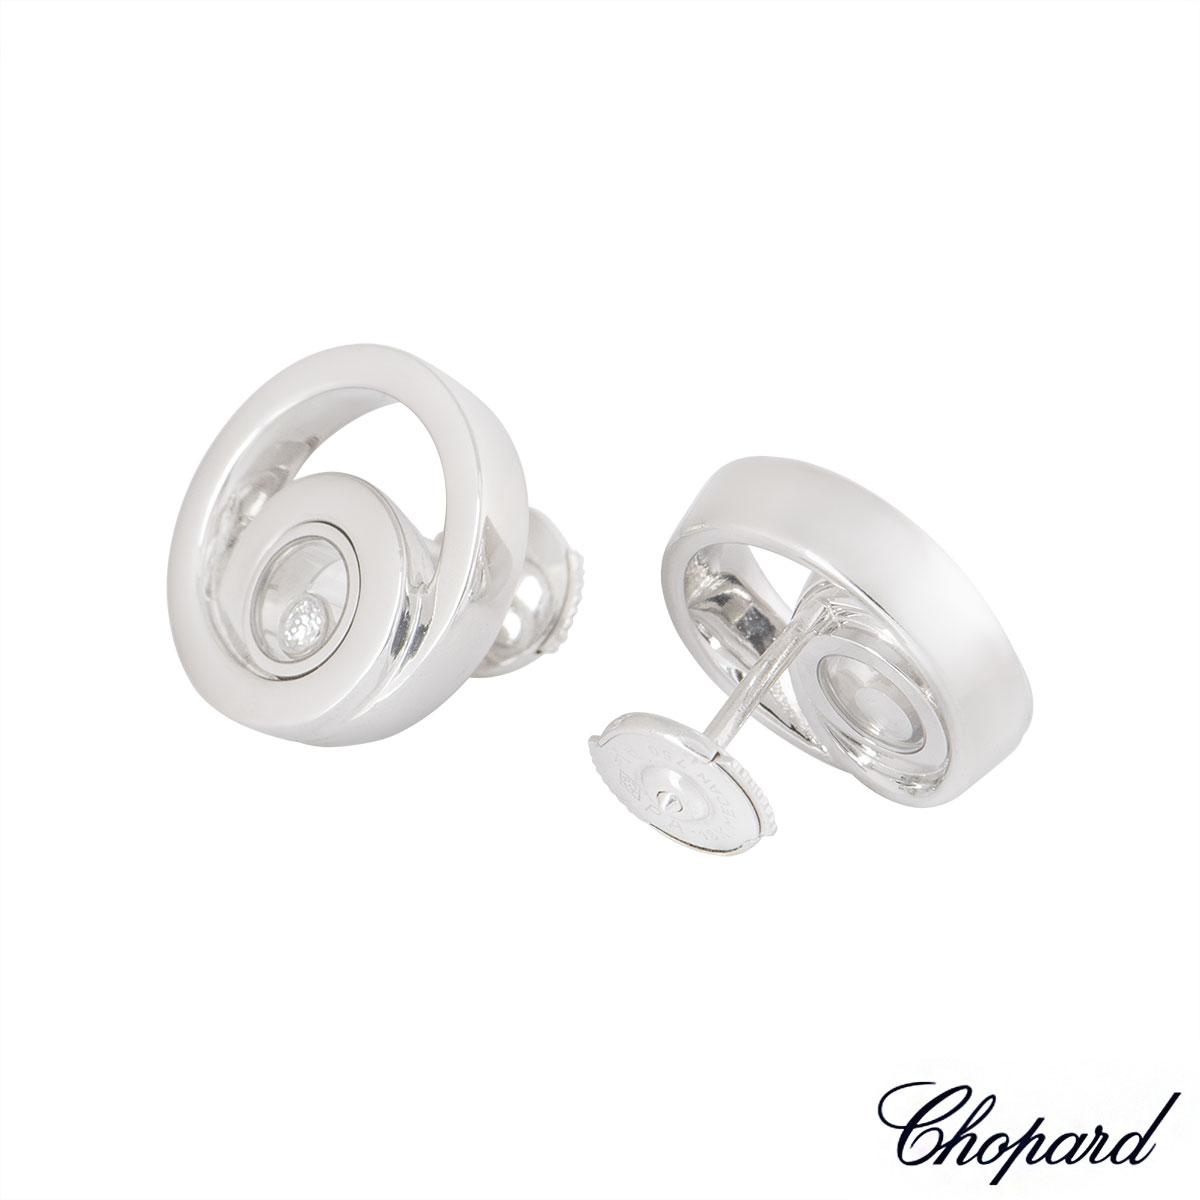 Chopard White Gold Happy Diamonds Earrings 837108-1002